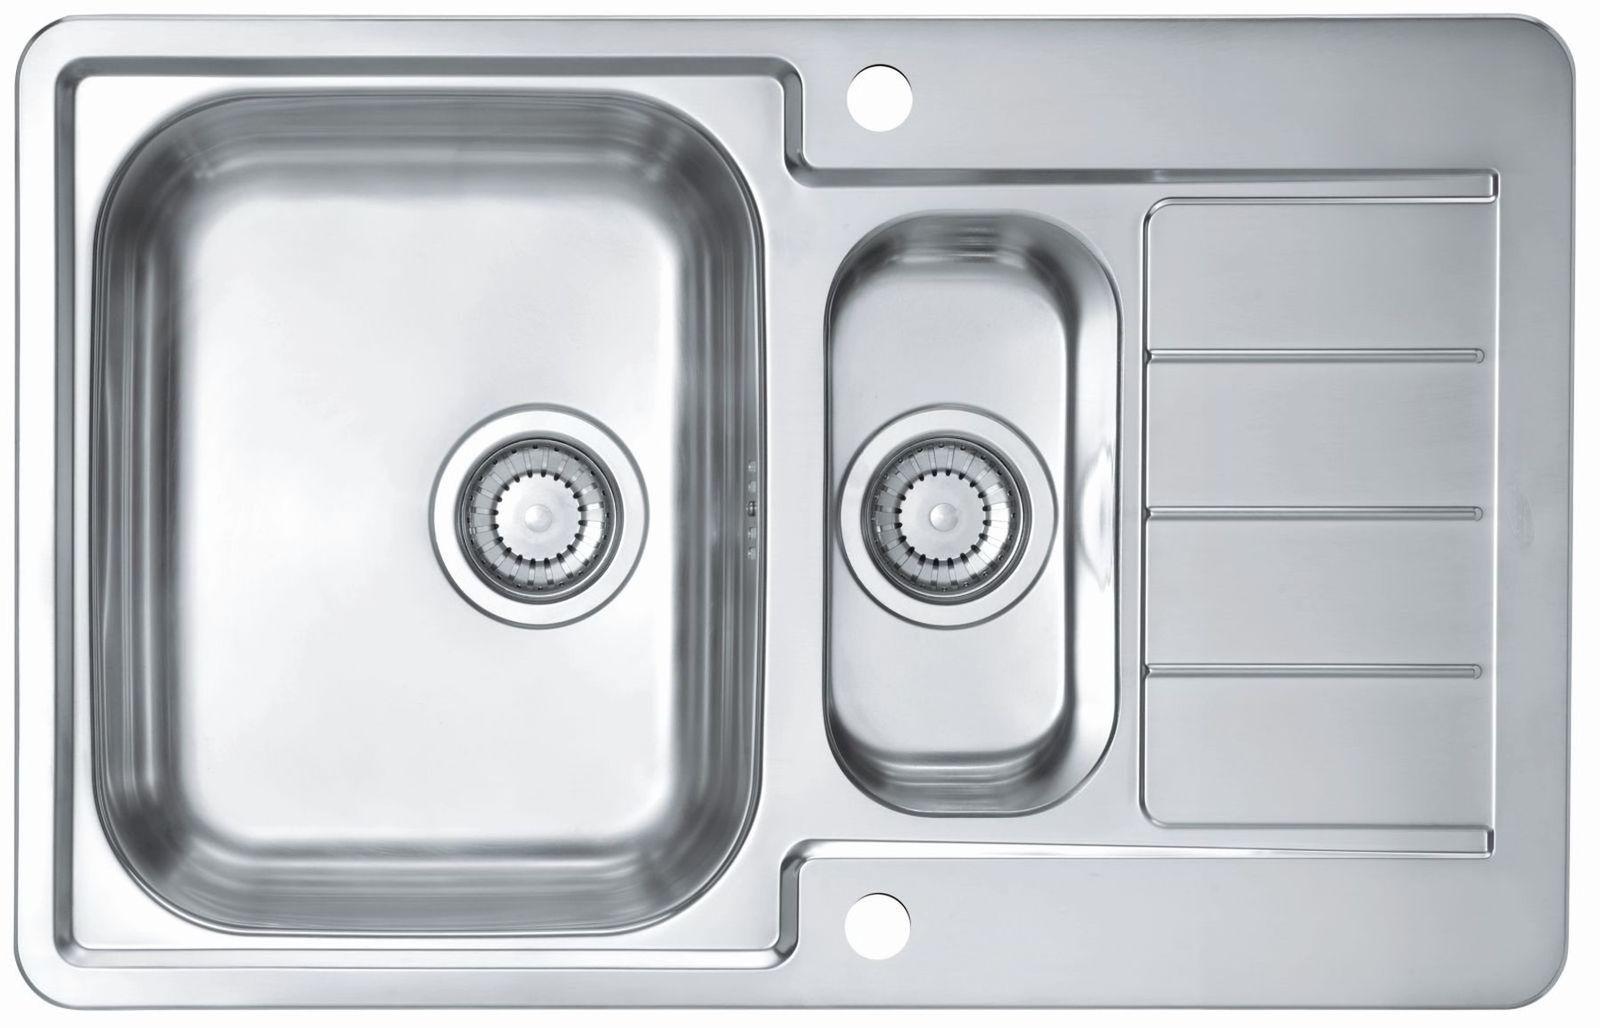 Alveus Küchen Einbauspüle 790 x 500 mm Camping 1, 5 Becken Spüle ...